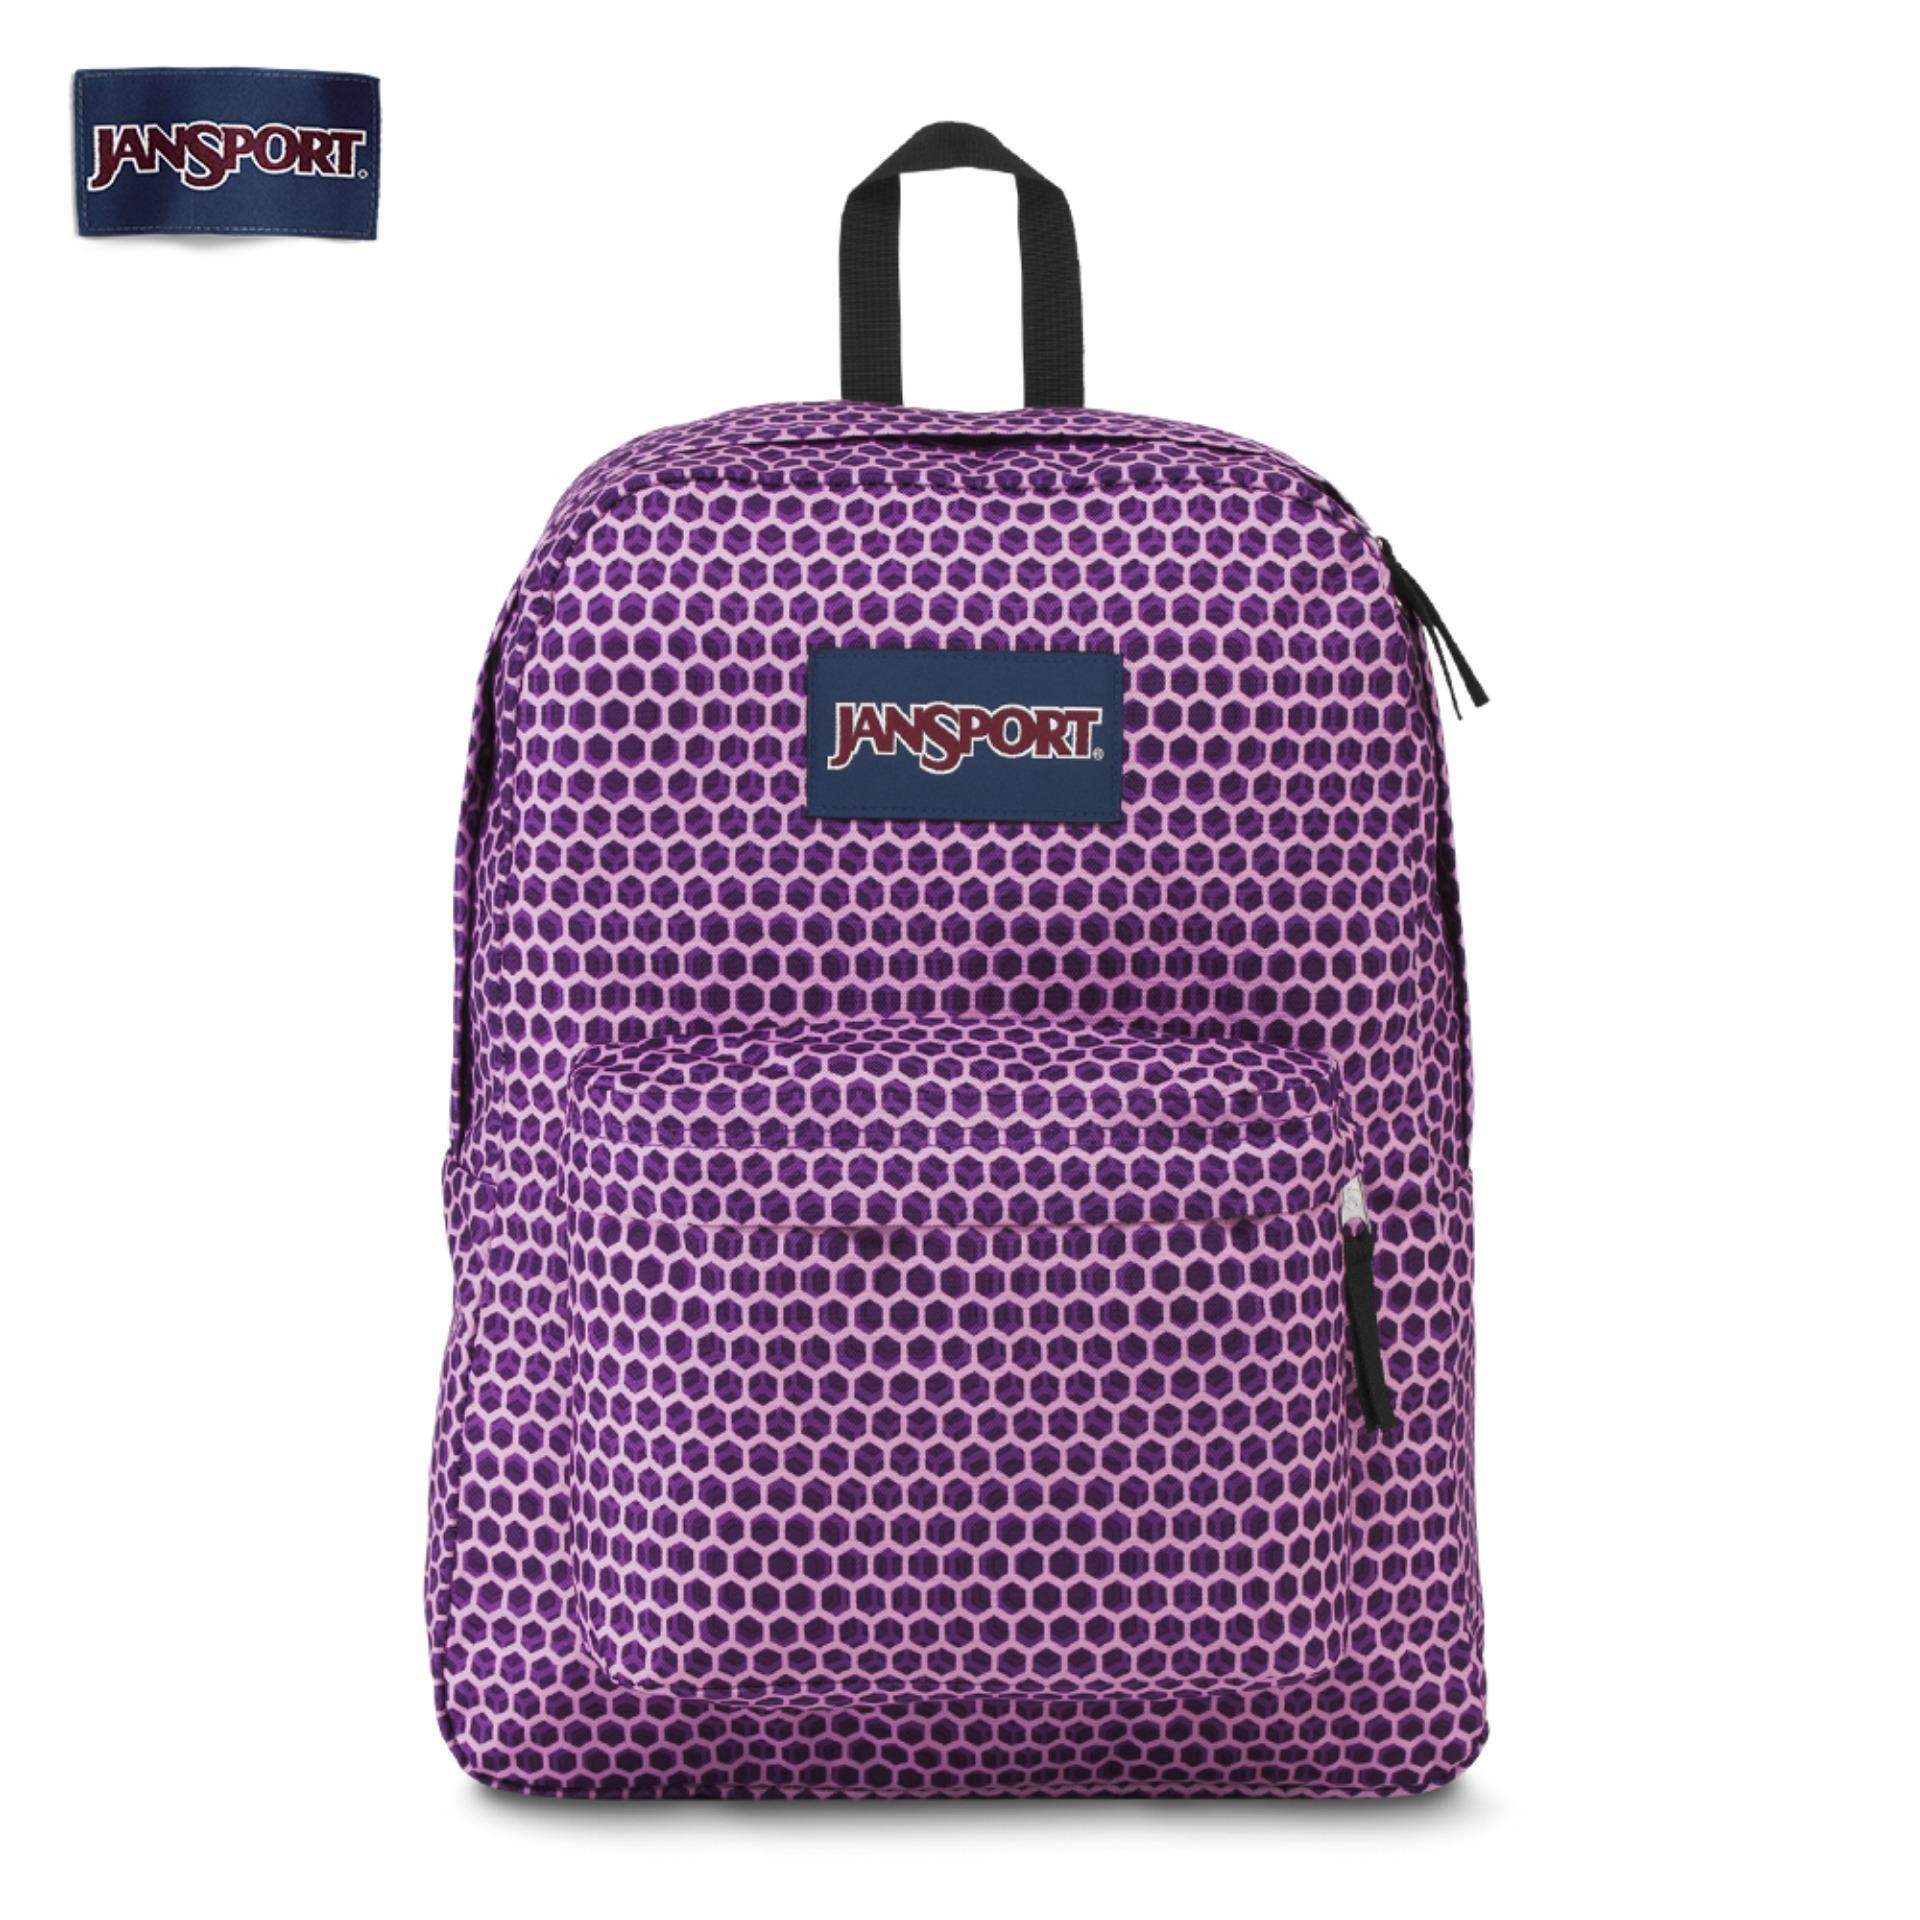 Jansport Uni Superbreak 600 Denier Polyester Backpack